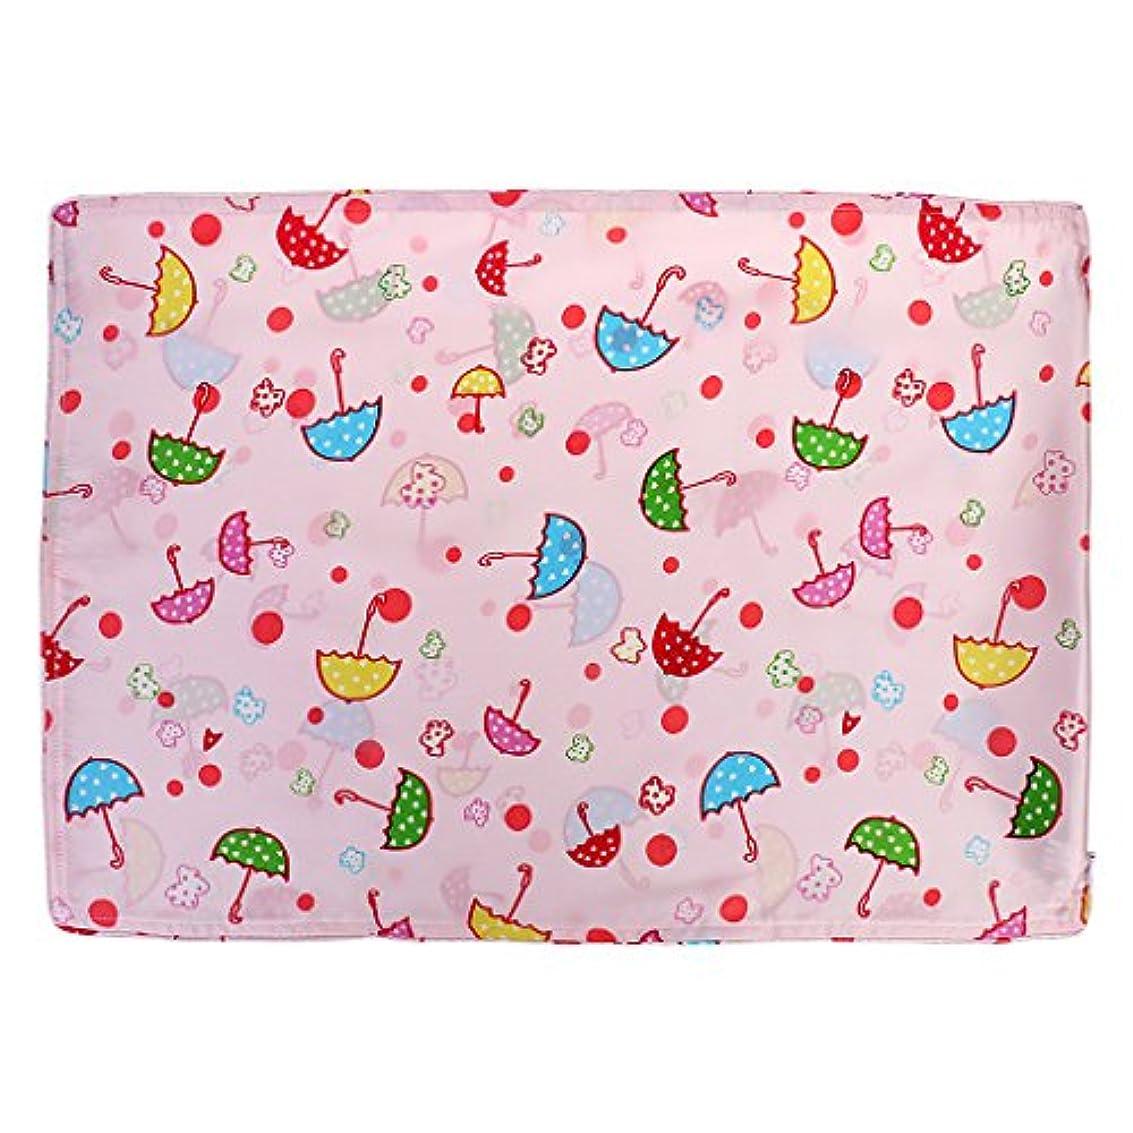 バイソン祝福する弱点かわいいベビーキッズ100%シルクサテン両面枕カバー30 * 55センチメートル傘ピンク